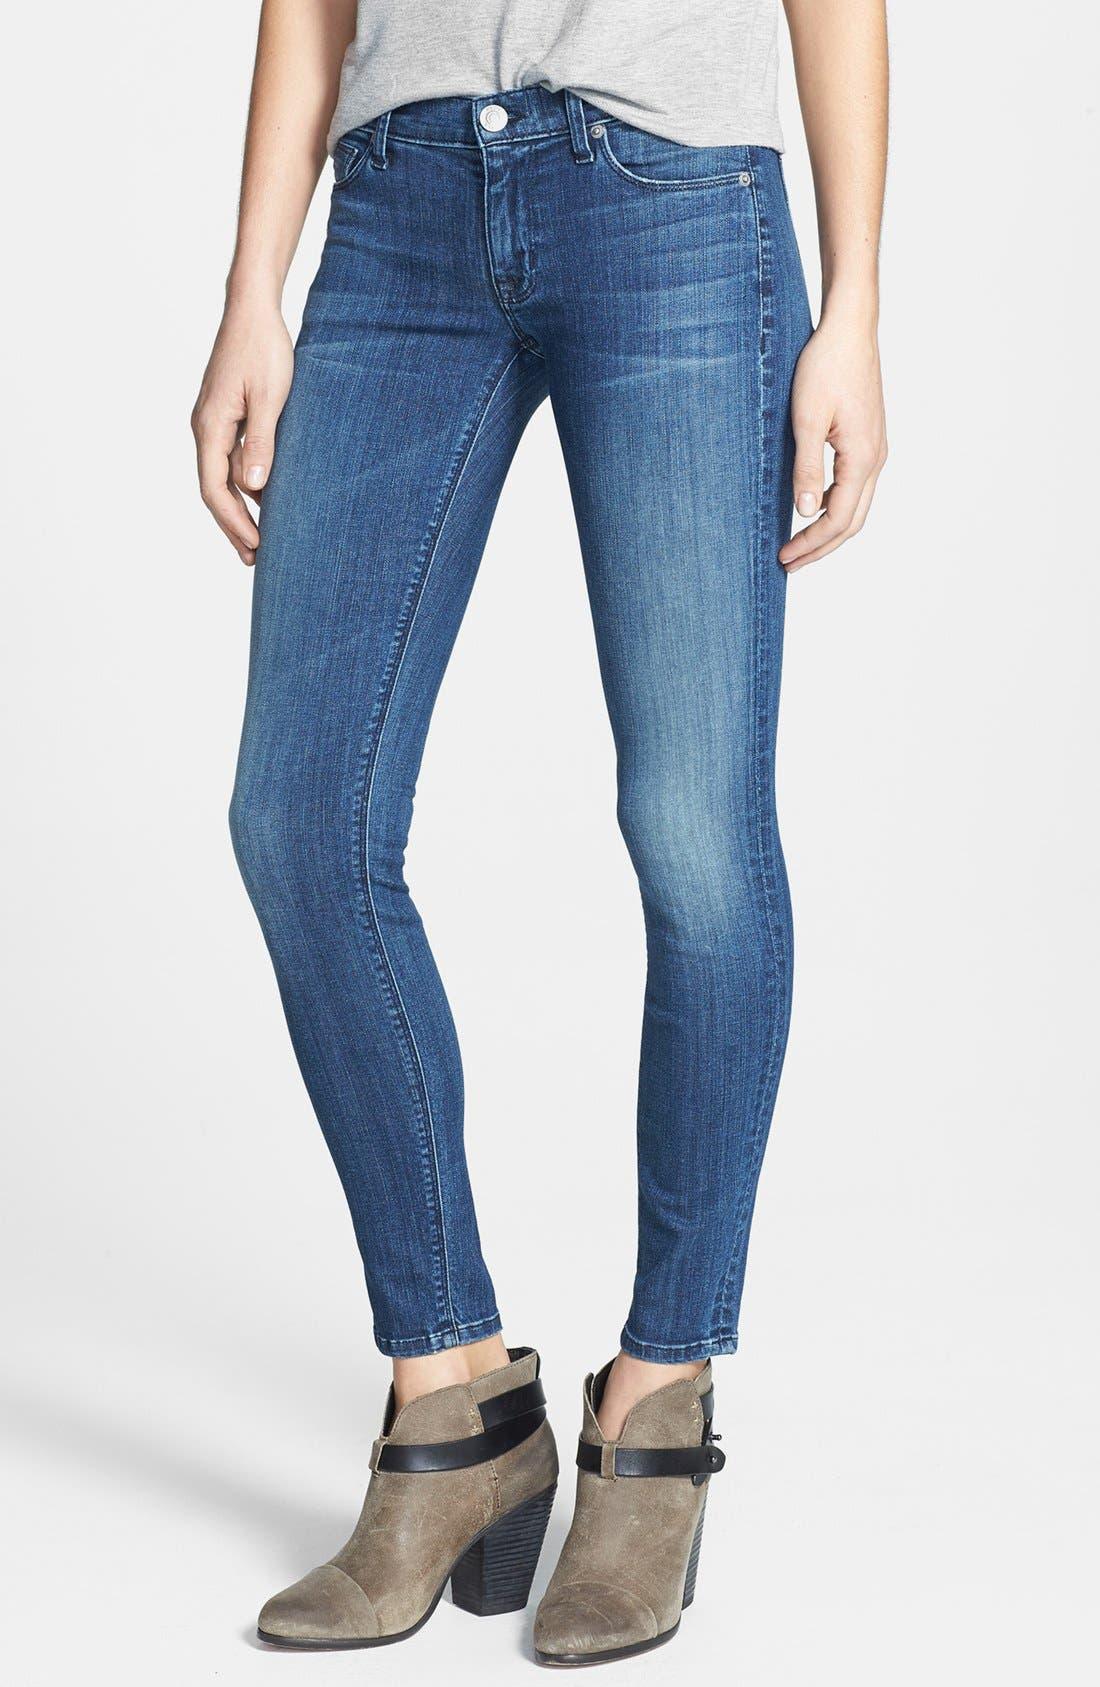 Alternate Image 1 Selected - Hudson Jeans 'Krista' Super Skinny Jeans (Supervixen)